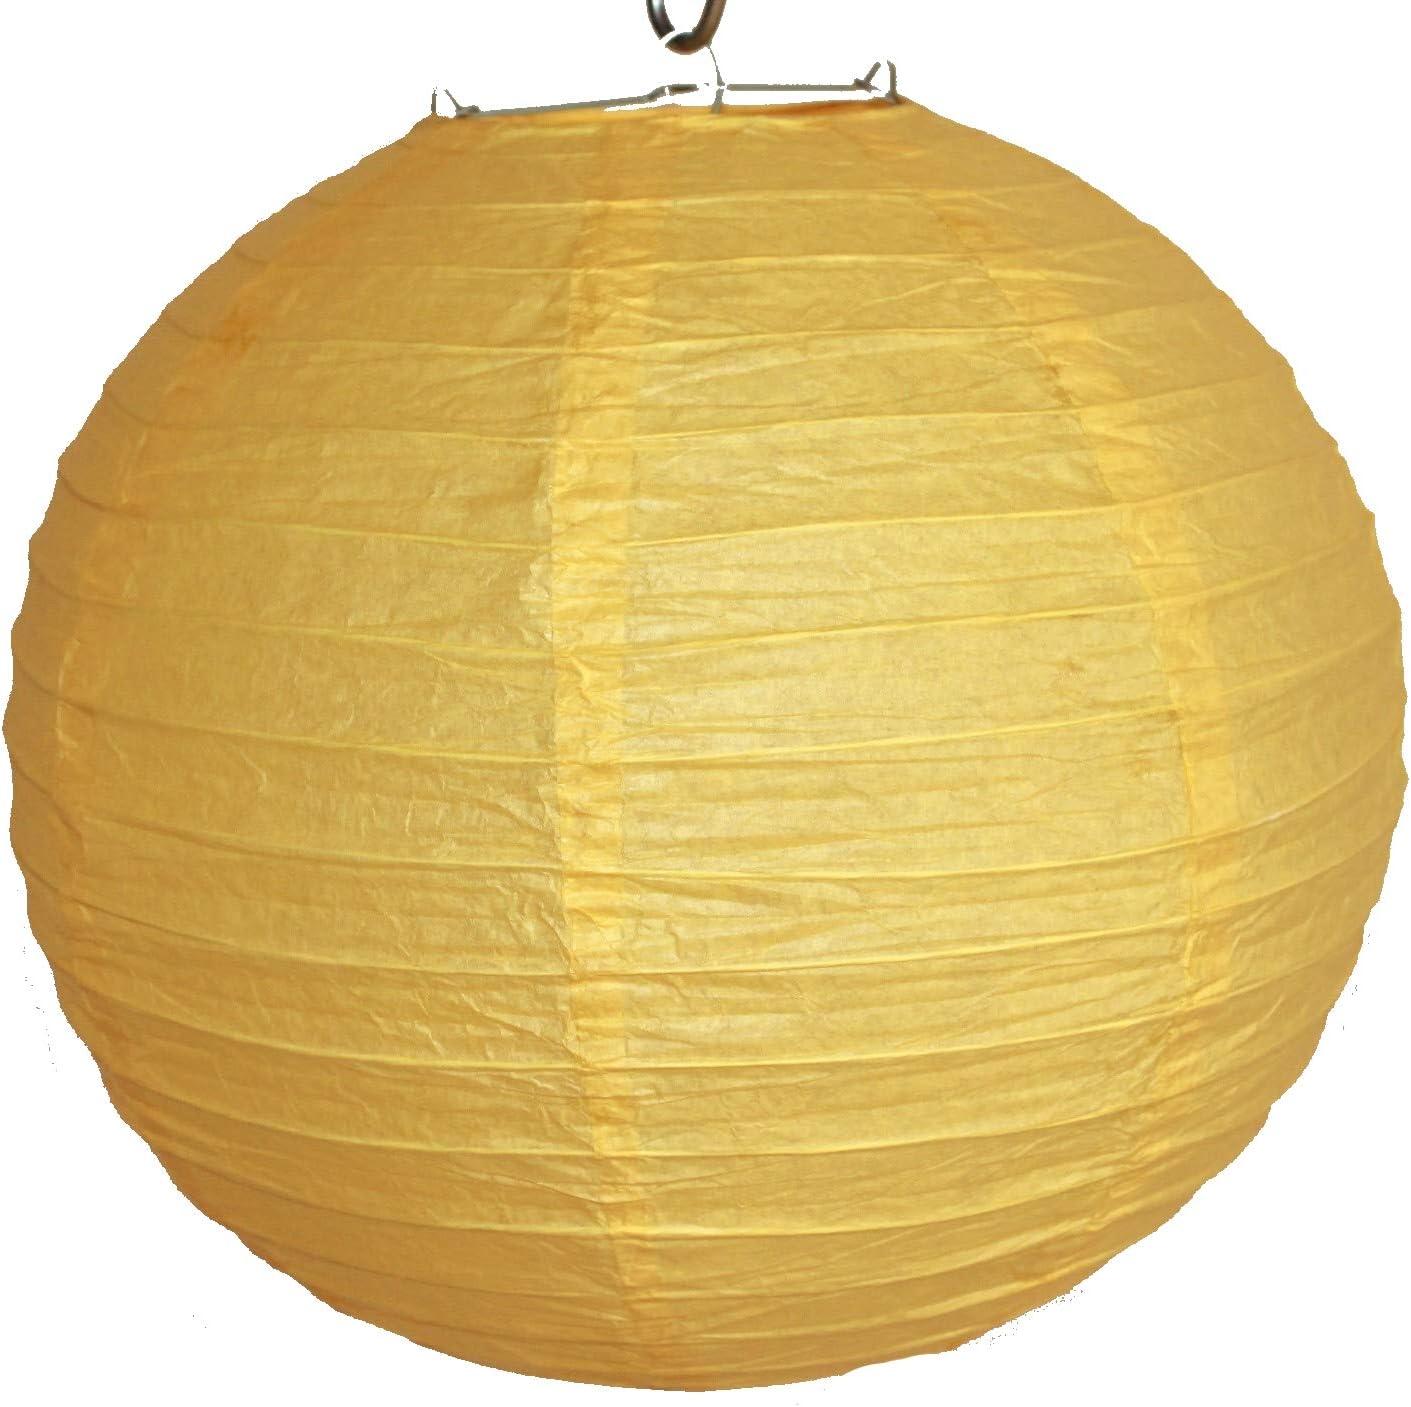 516 Papier gelb unifarben japanisch rund Durchmesser 30 cm AAF Nommel/® Lampion 1 Stk